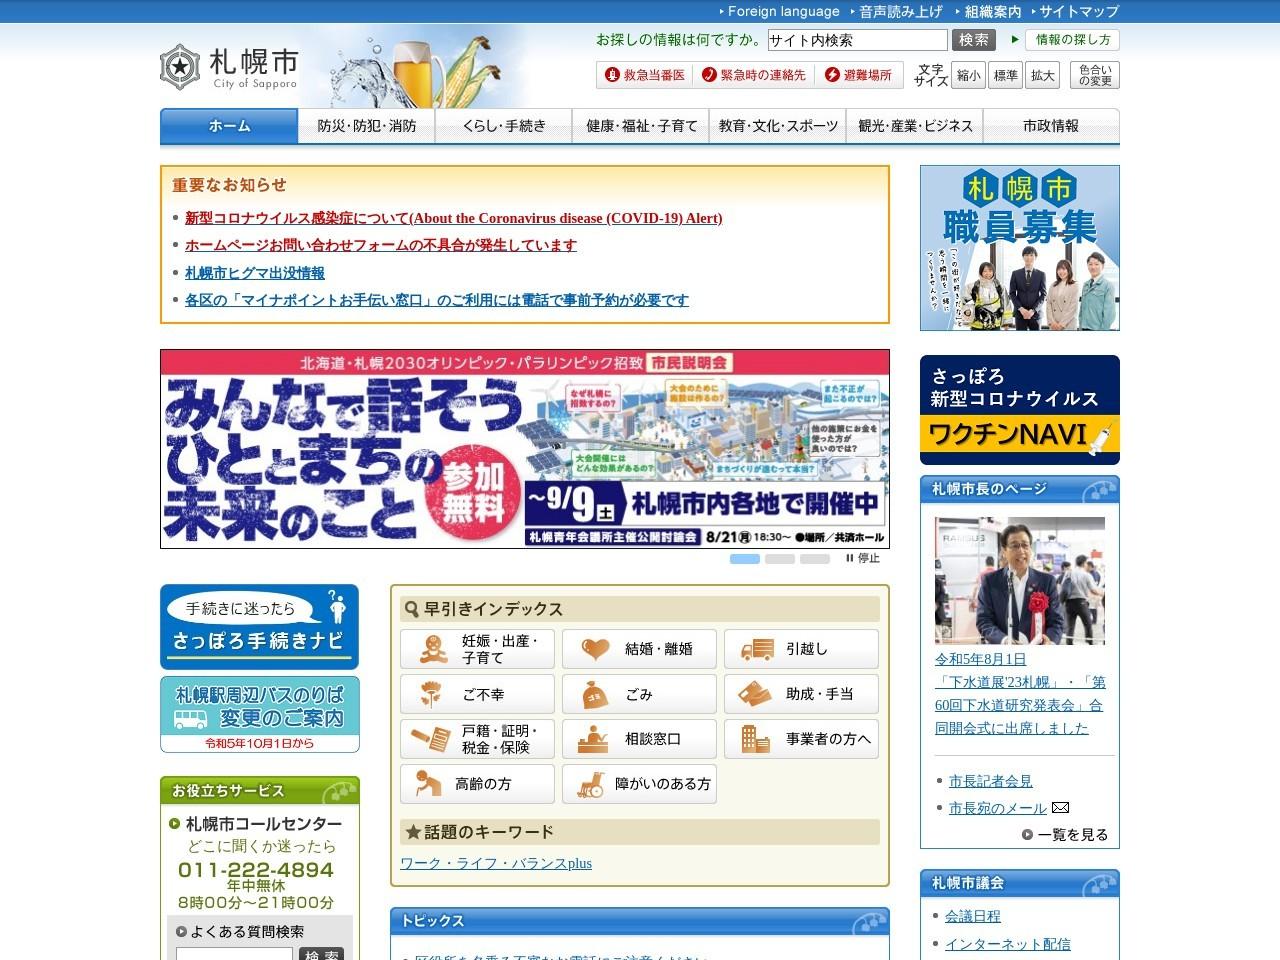 http://www.city.sapporo.jp/atsubetsu/shisetsu/kuyakusho01.html